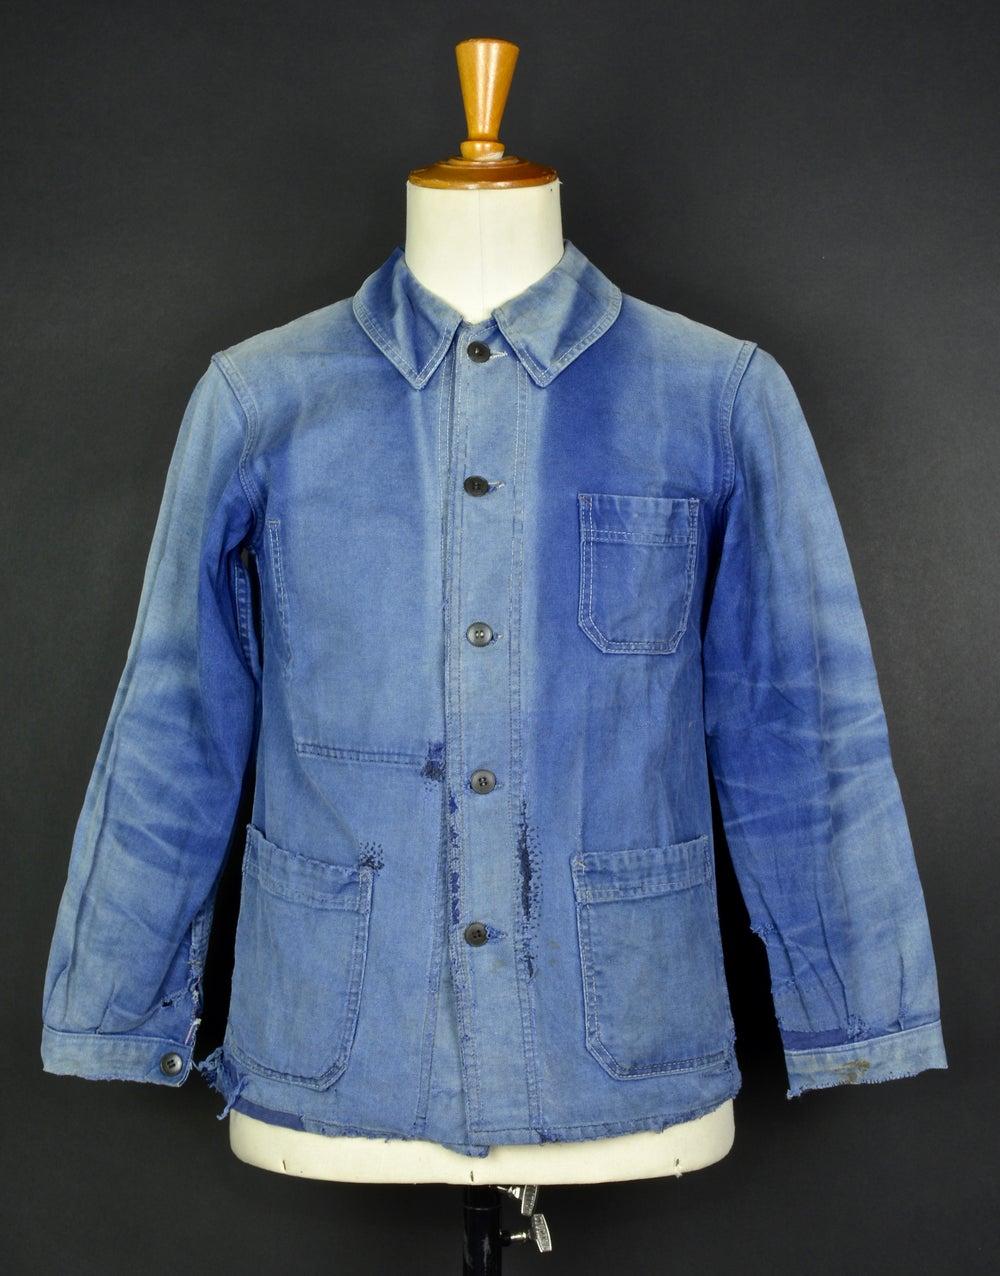 Image of 1940'S FRENCH blue indigo WORK JACKET FADED N19